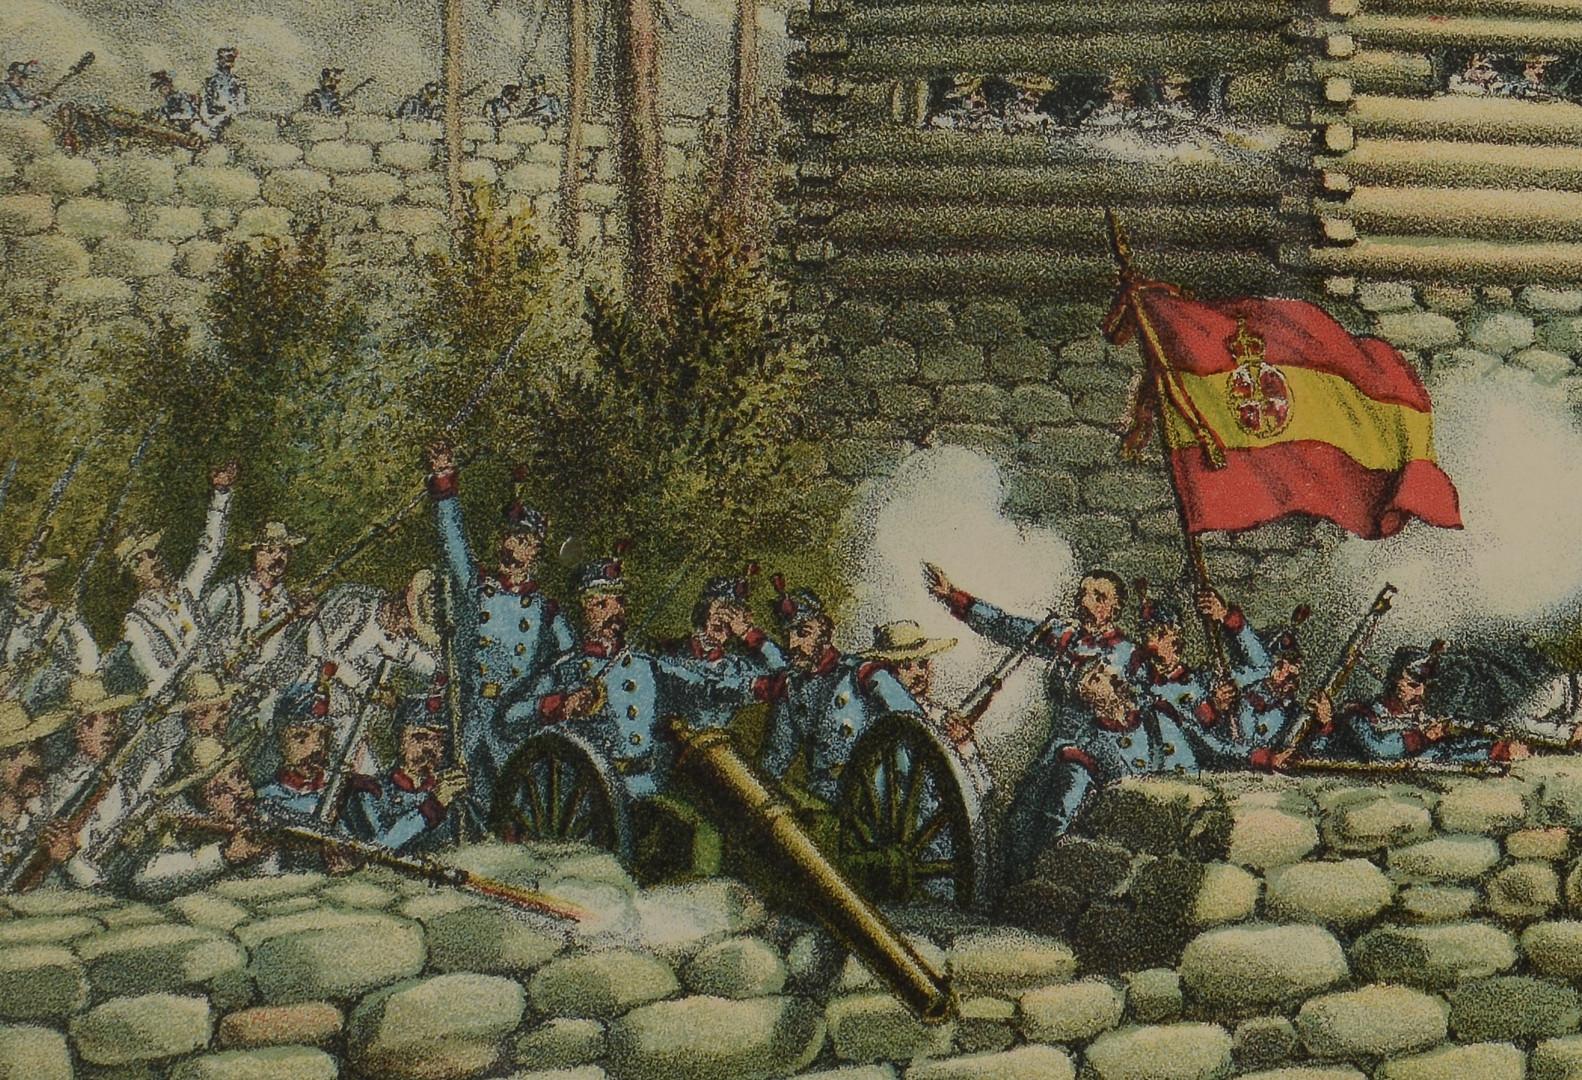 Lot 95: Battle of San Juan Hill Litho, Kurz & Allison